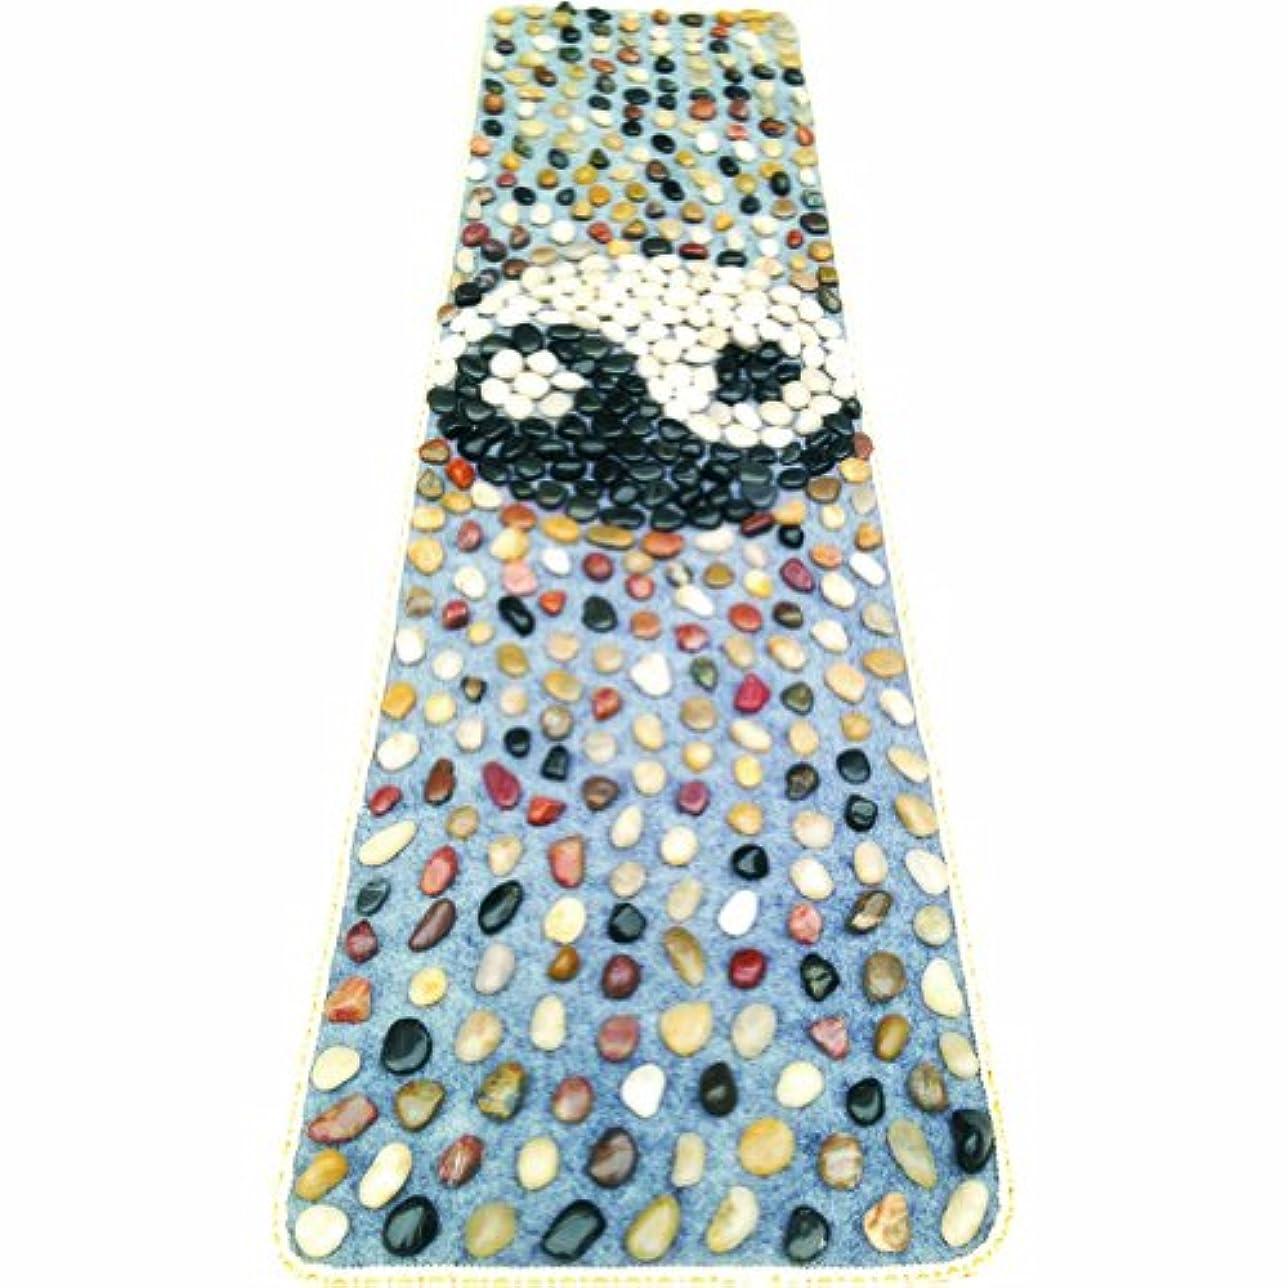 ベーシックルアーハイジャックフットマッサージマットルームの装飾健康的な歩道父の日母の日誕生日プレゼント(WZ-15)